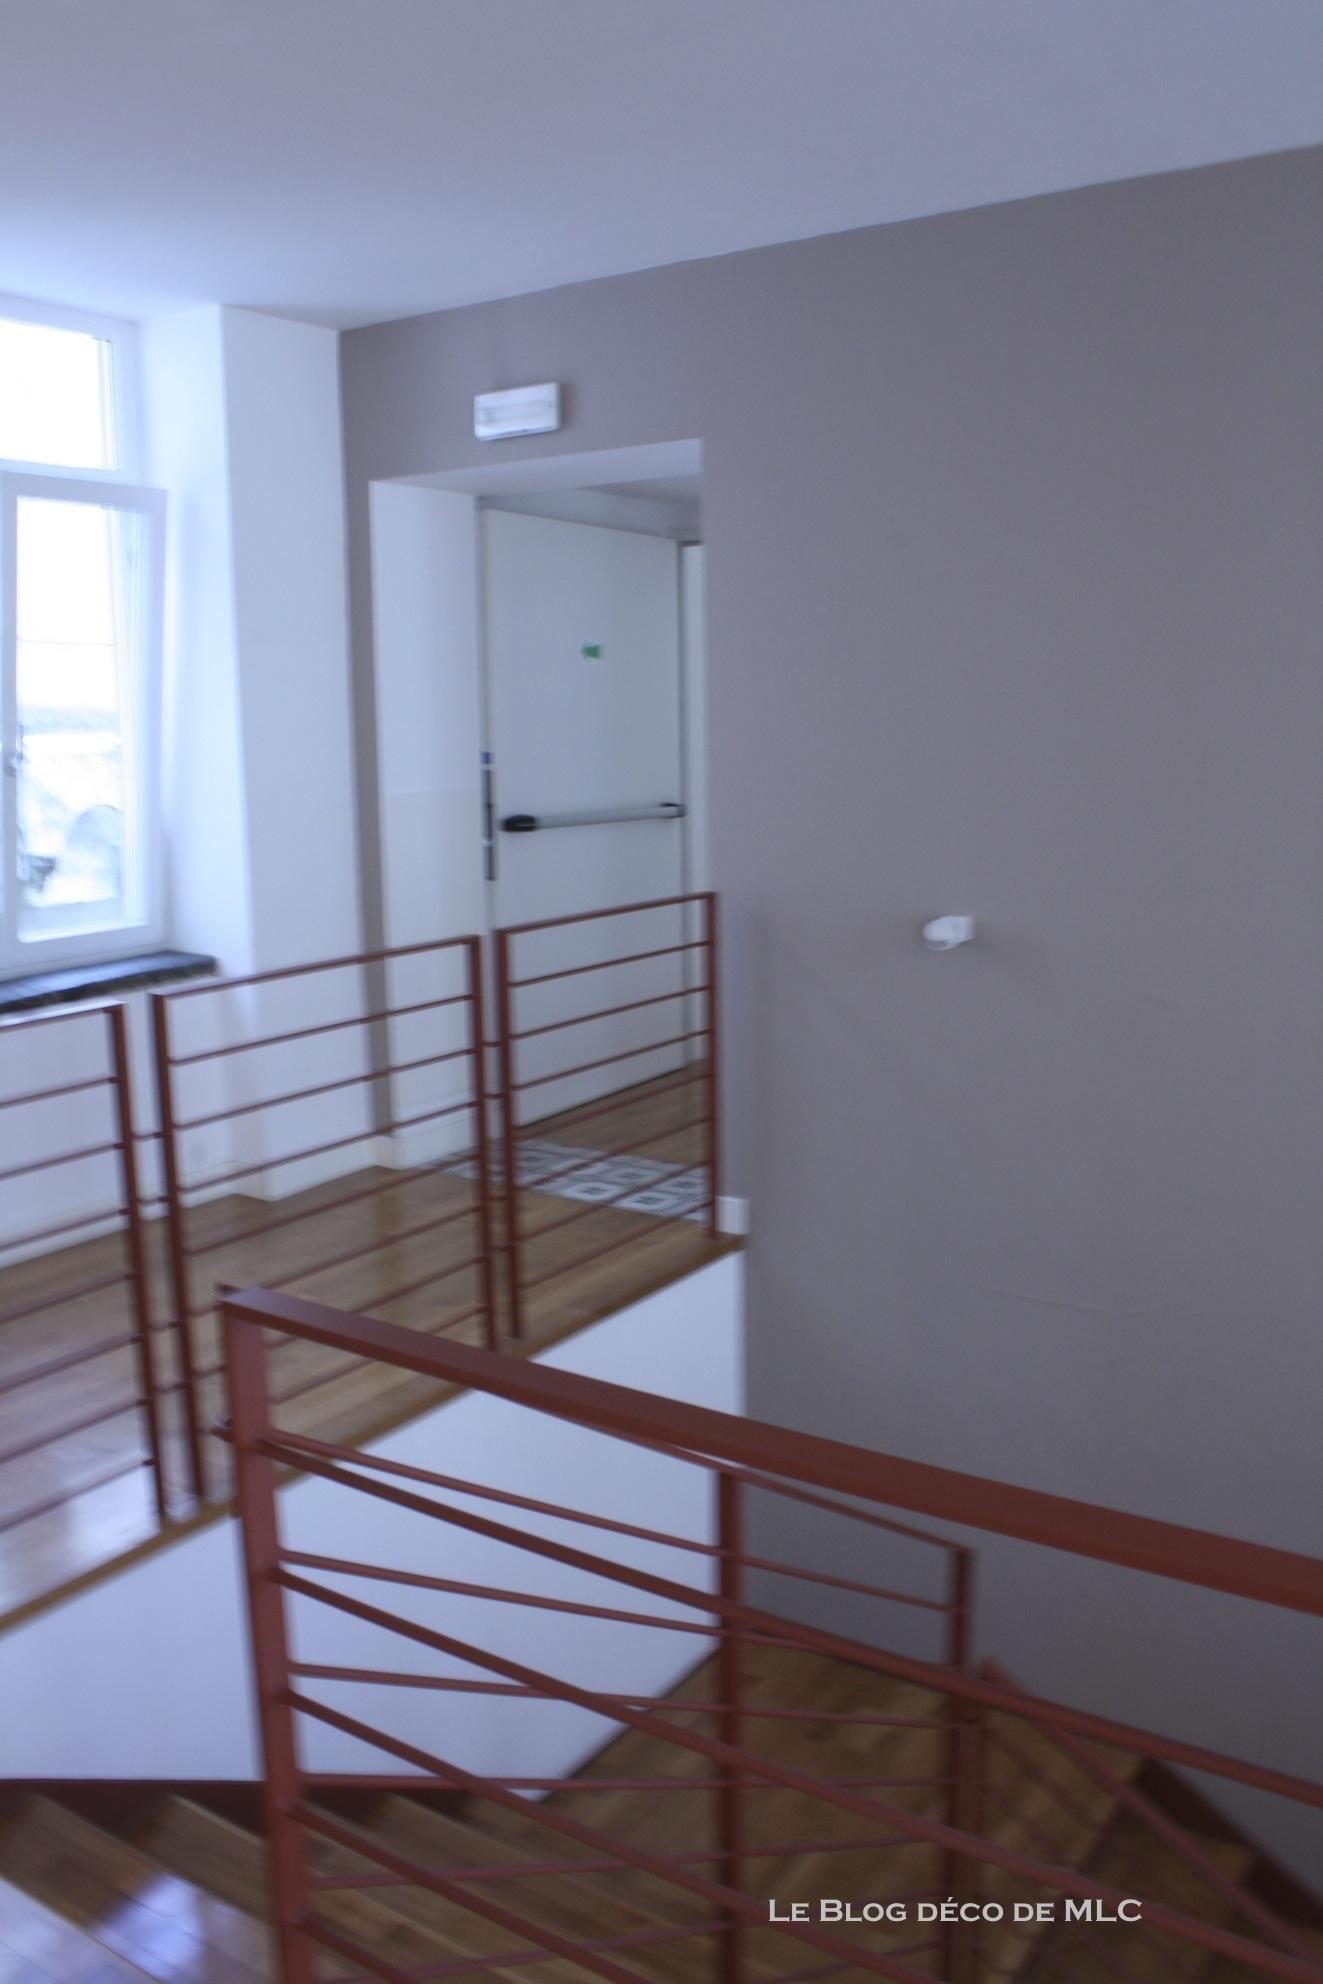 idee deco cage d escalier best decorer cage d escalier. Black Bedroom Furniture Sets. Home Design Ideas